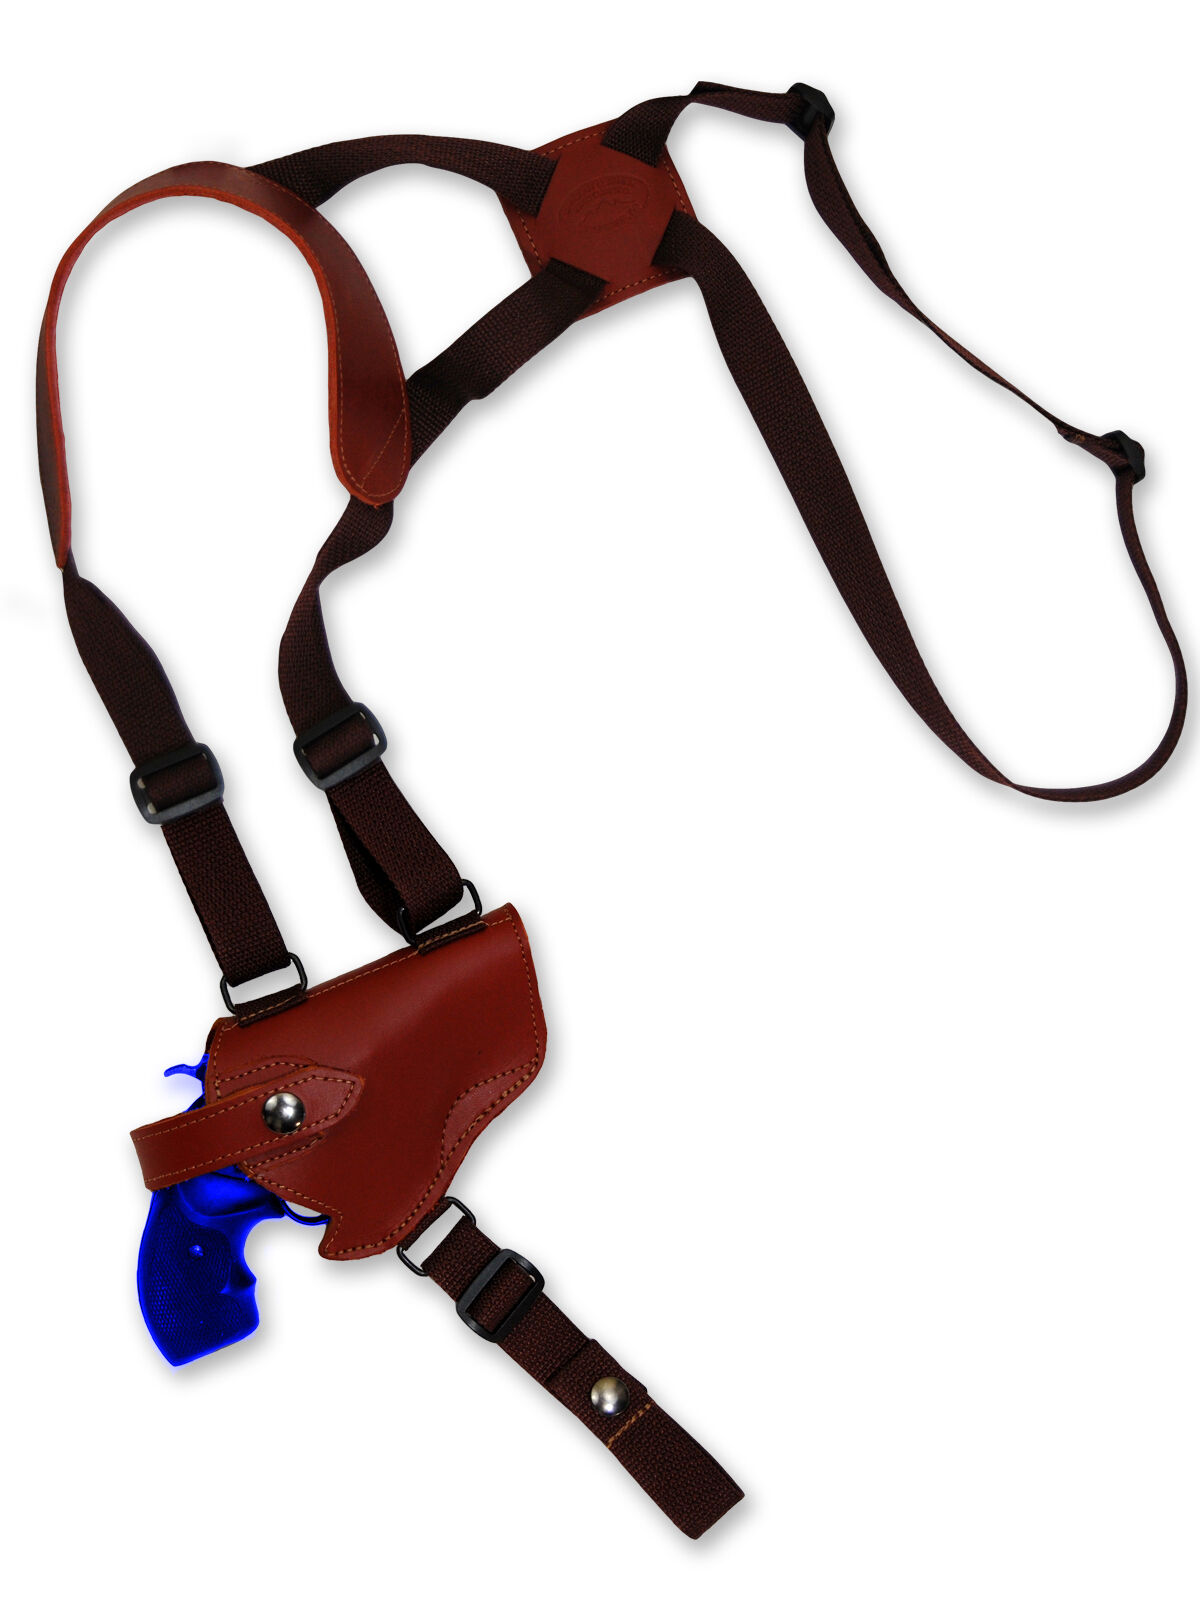 NEW Barsony Burgundy Leder Horizontal Gun Shoulder Holster S&W 2